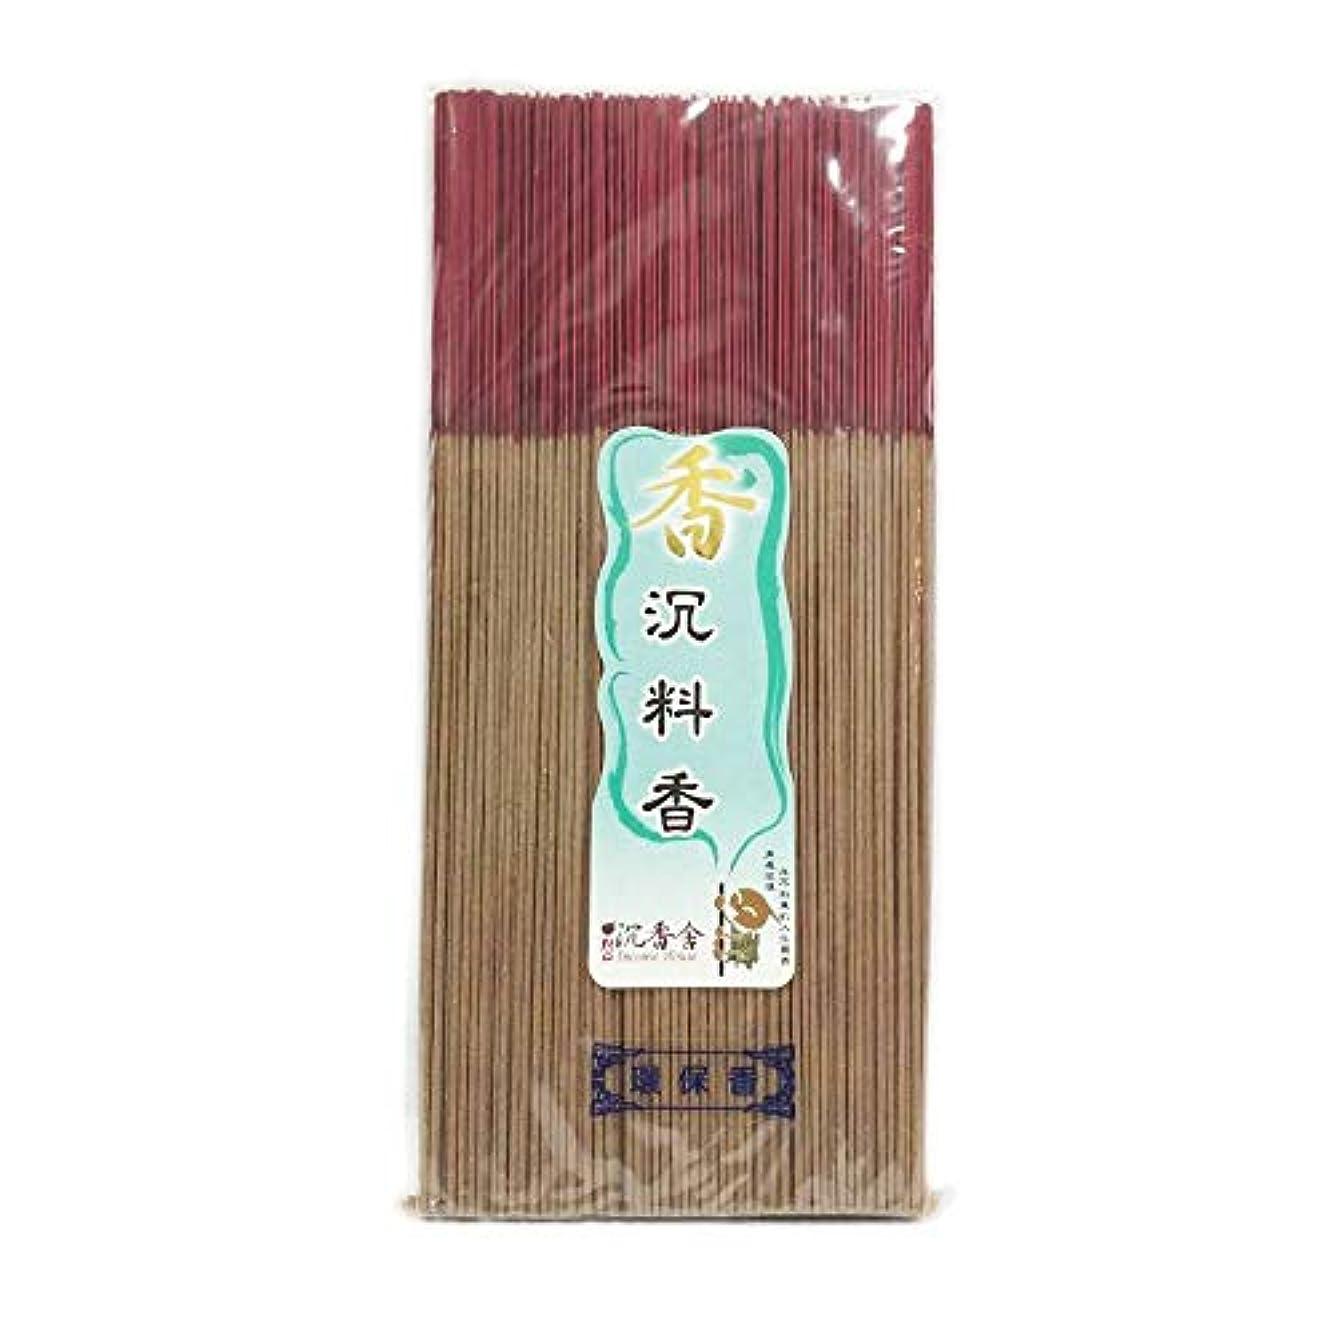 頼む隠されたアジア人伝統的 中国風 薬味 ジョス お香スティック 300g 台湾 お香 家 宗教的 仏陀用 約400本 30cm